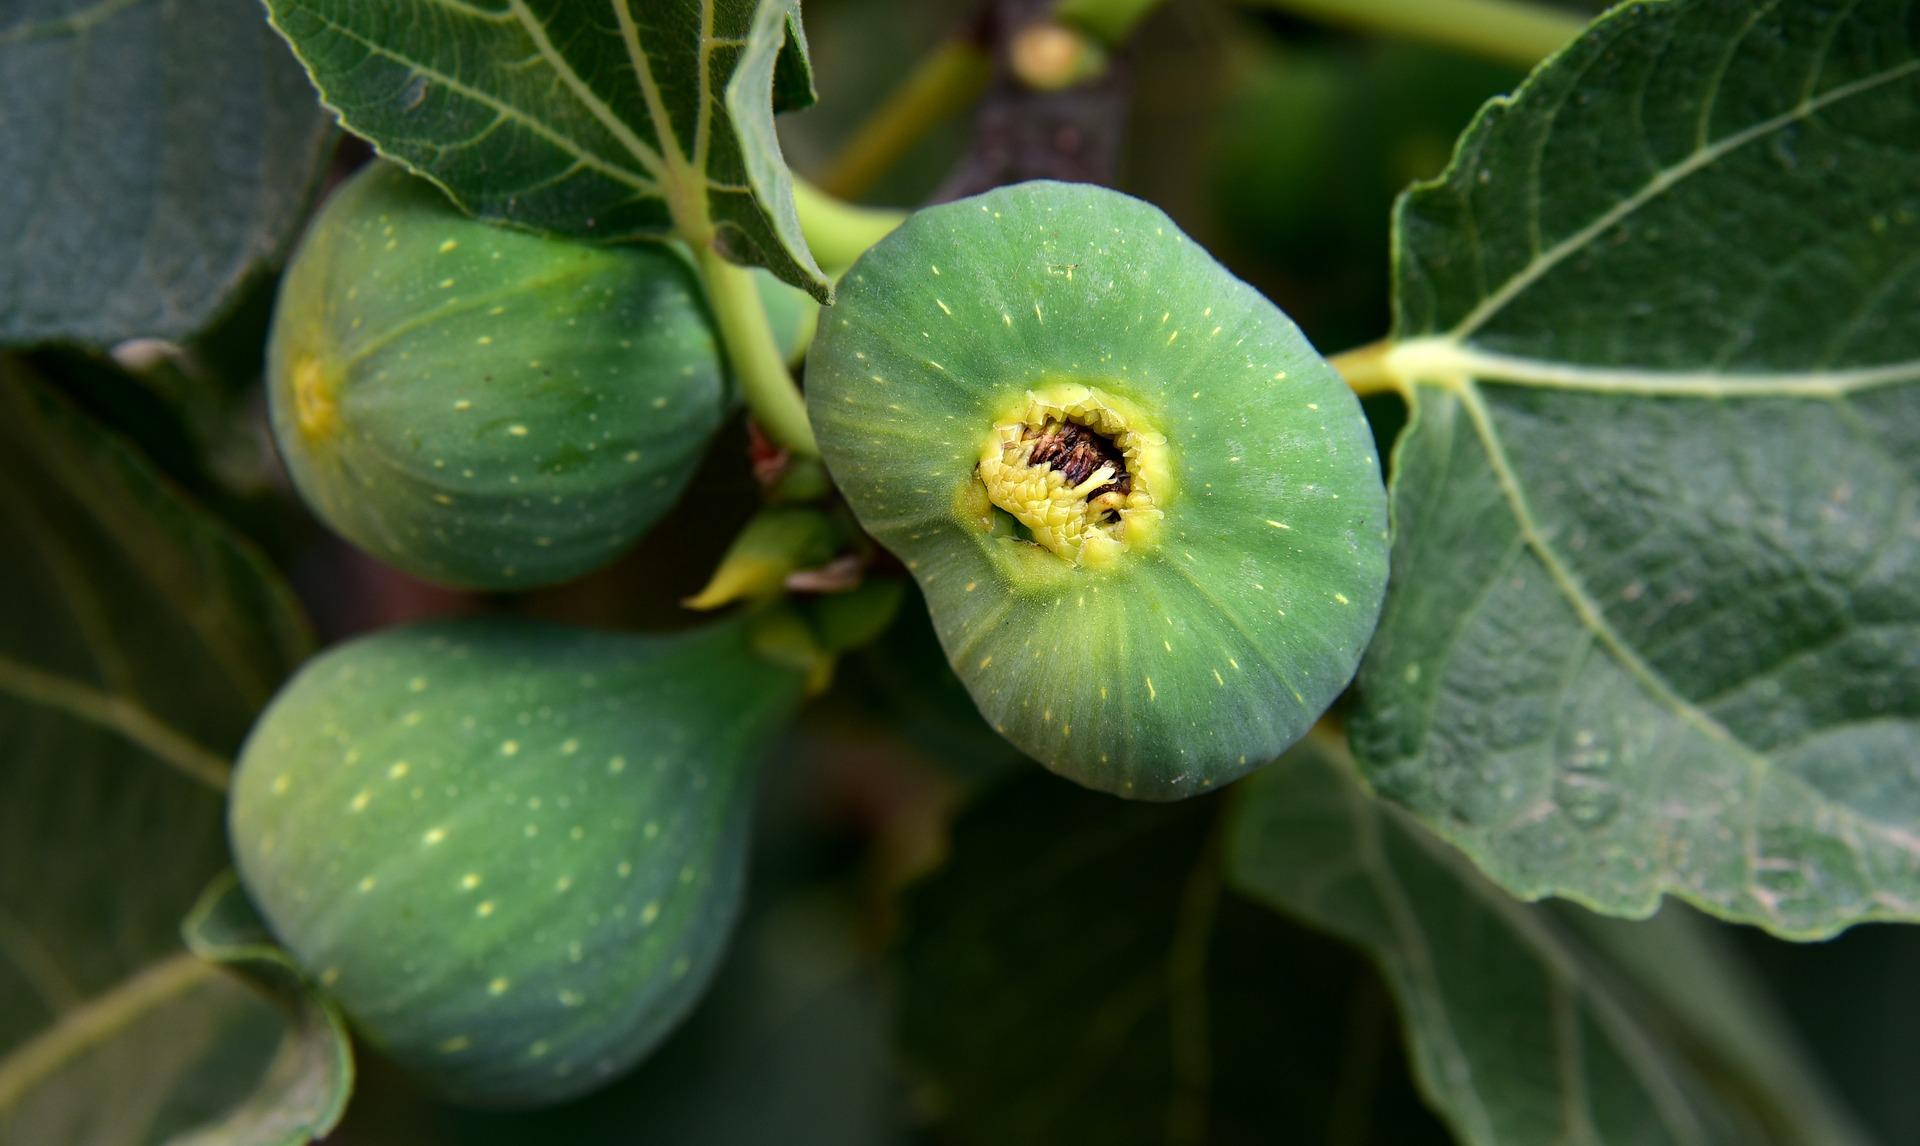 figs-3622574_1920.jpg